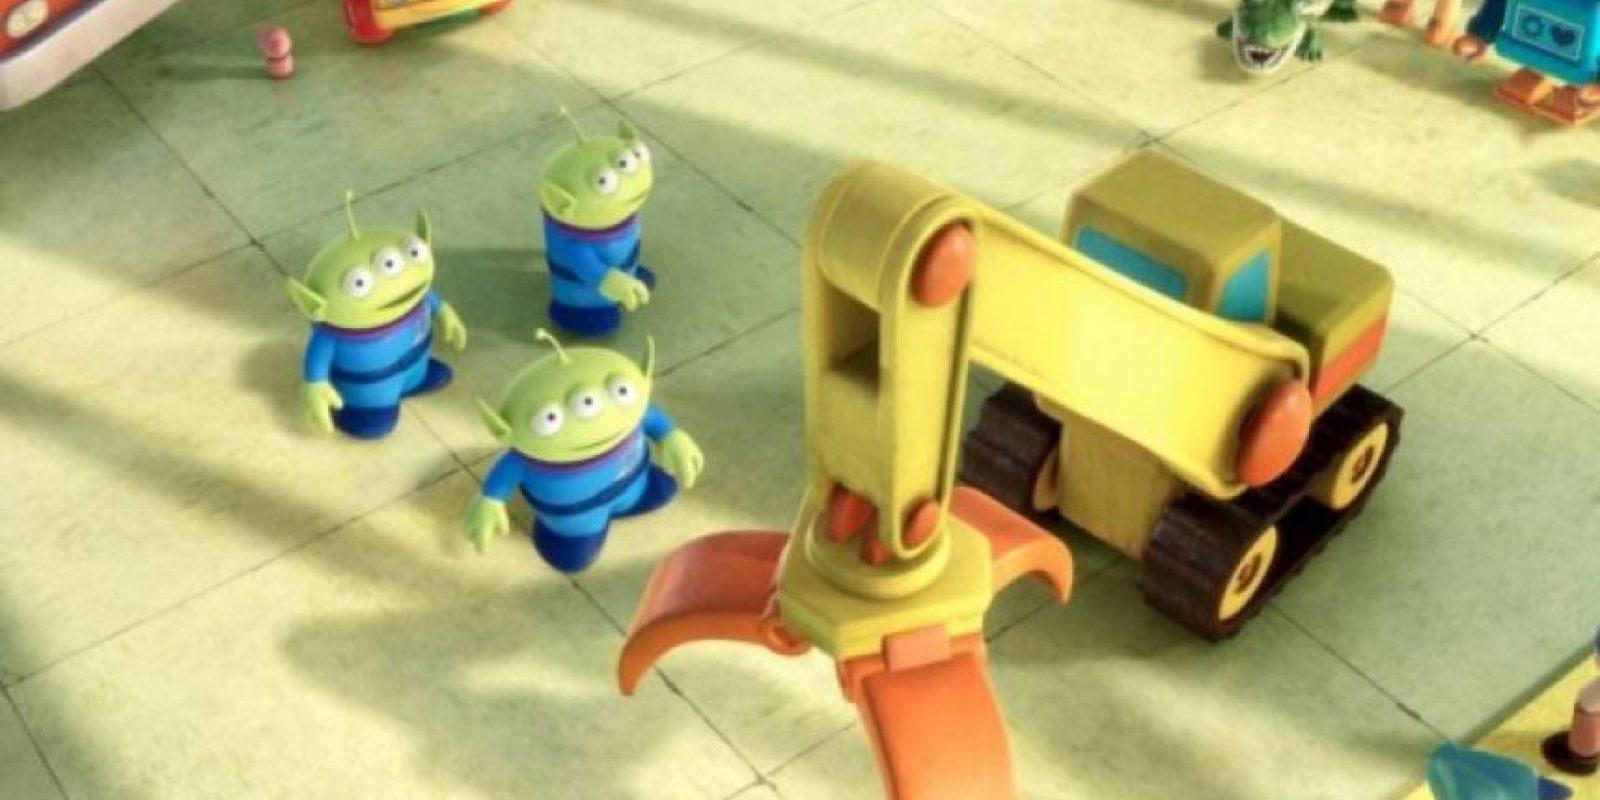 2.- La voz de los marcianos verdes se consigue aspirando un poco de helio Foto:Facebook/Toy Story